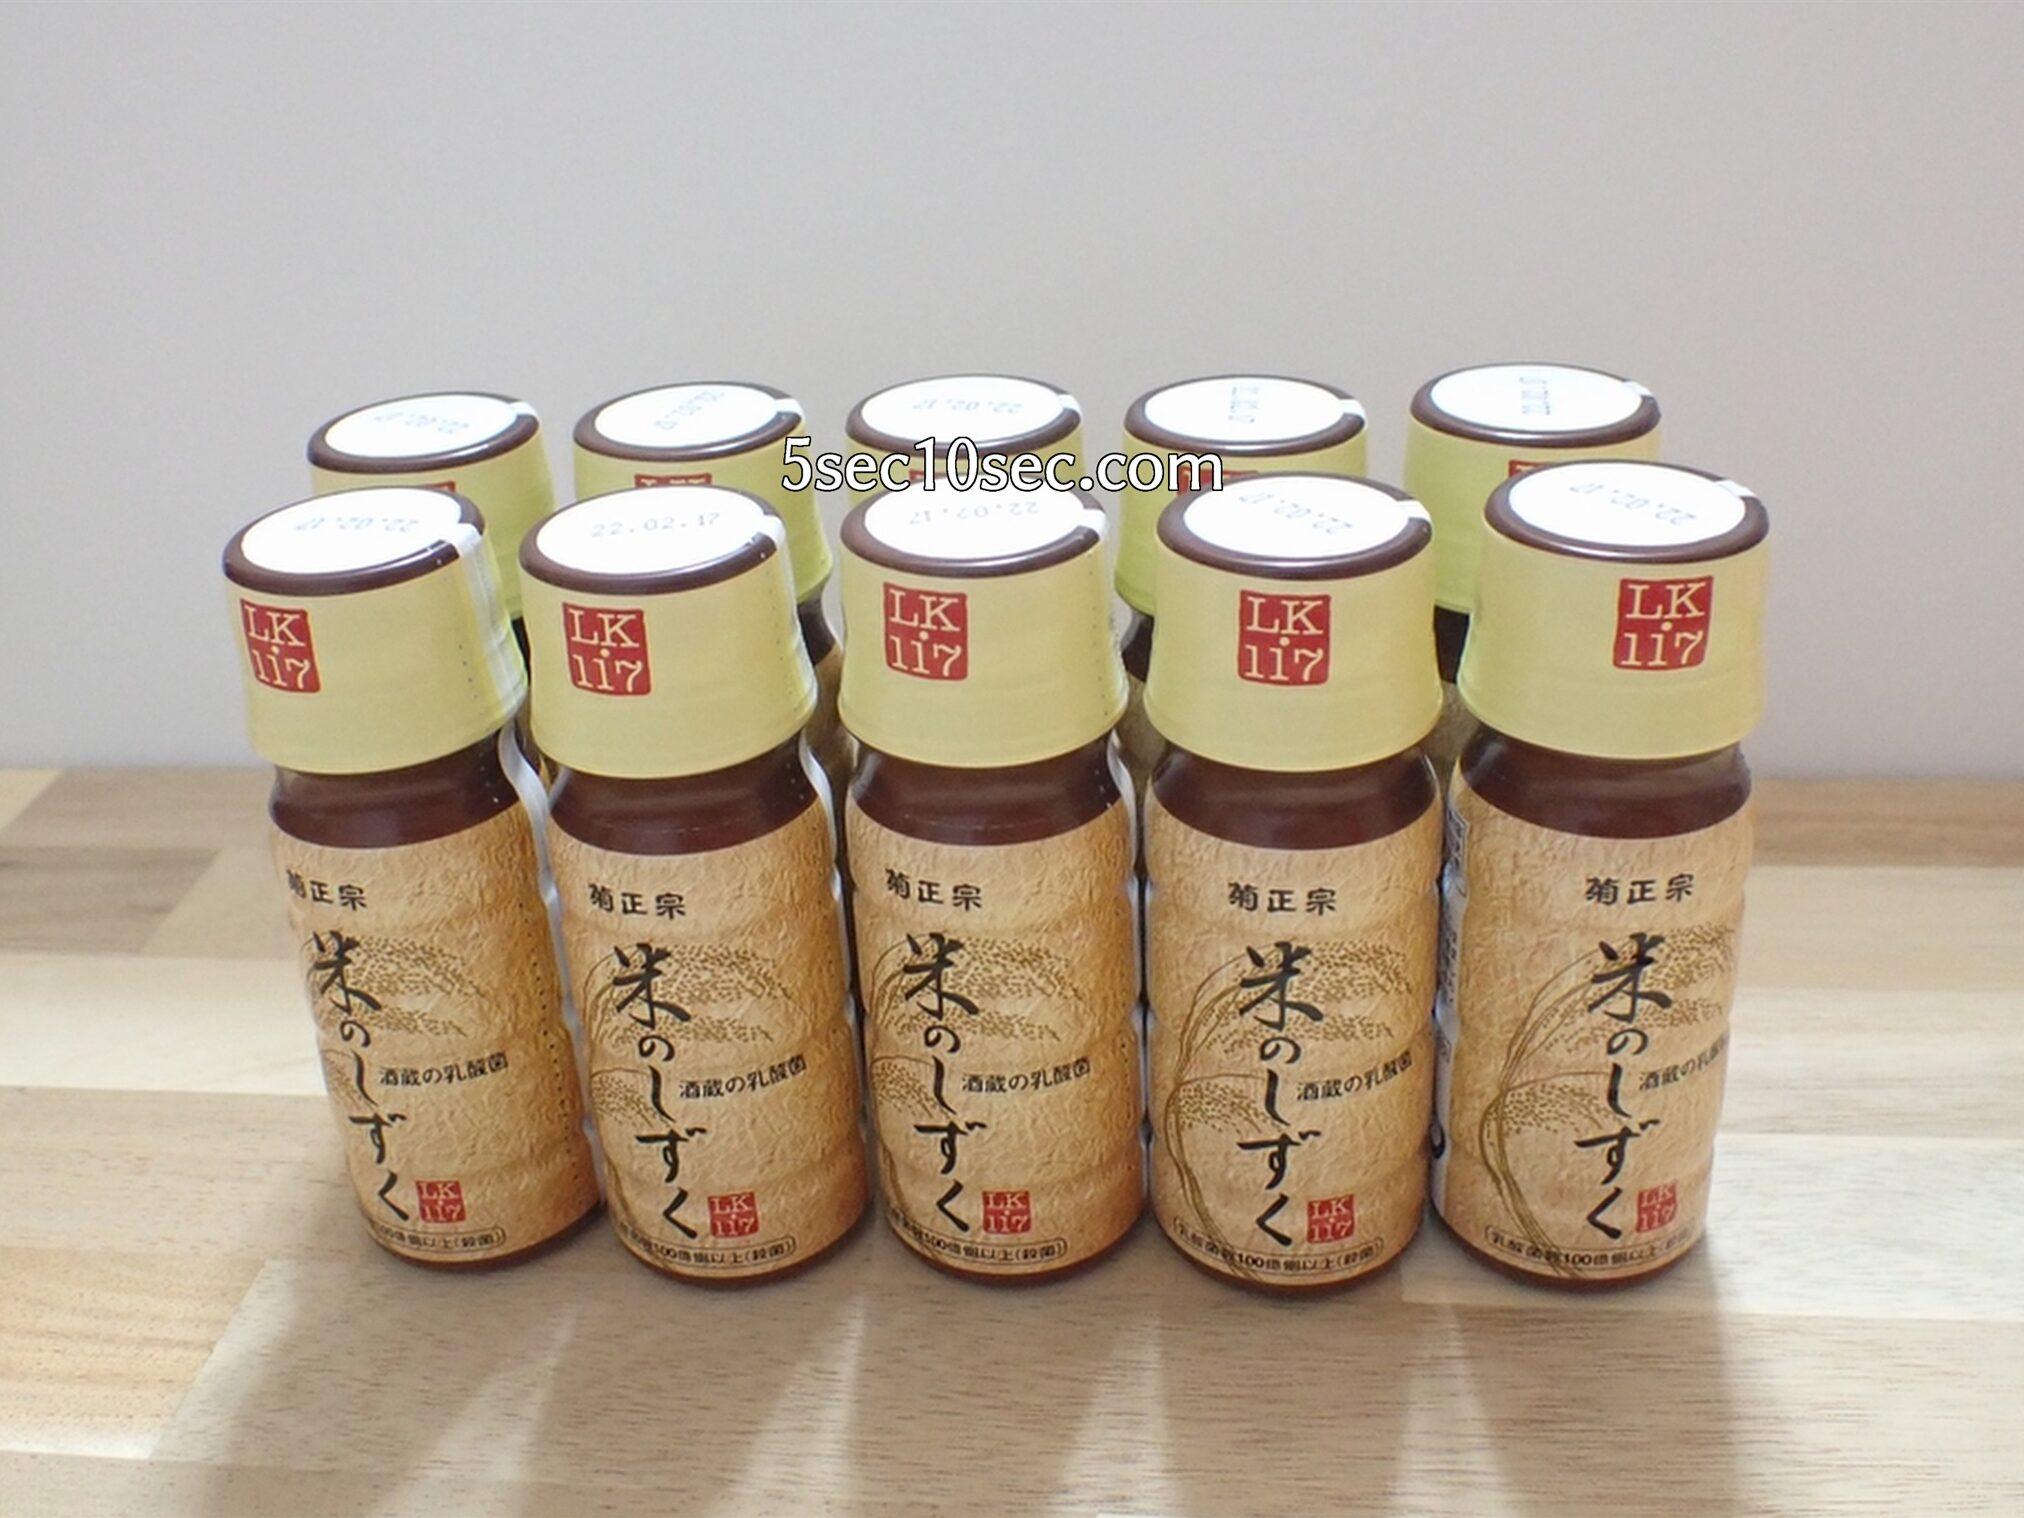 菊正宗酒造株式会社 乳酸菌「LK-117」配合 酒蔵の乳酸菌 米のしずく ドリンクタイプ10日間お試しセット 飲むタイプで、1日の目安摂取量は1本